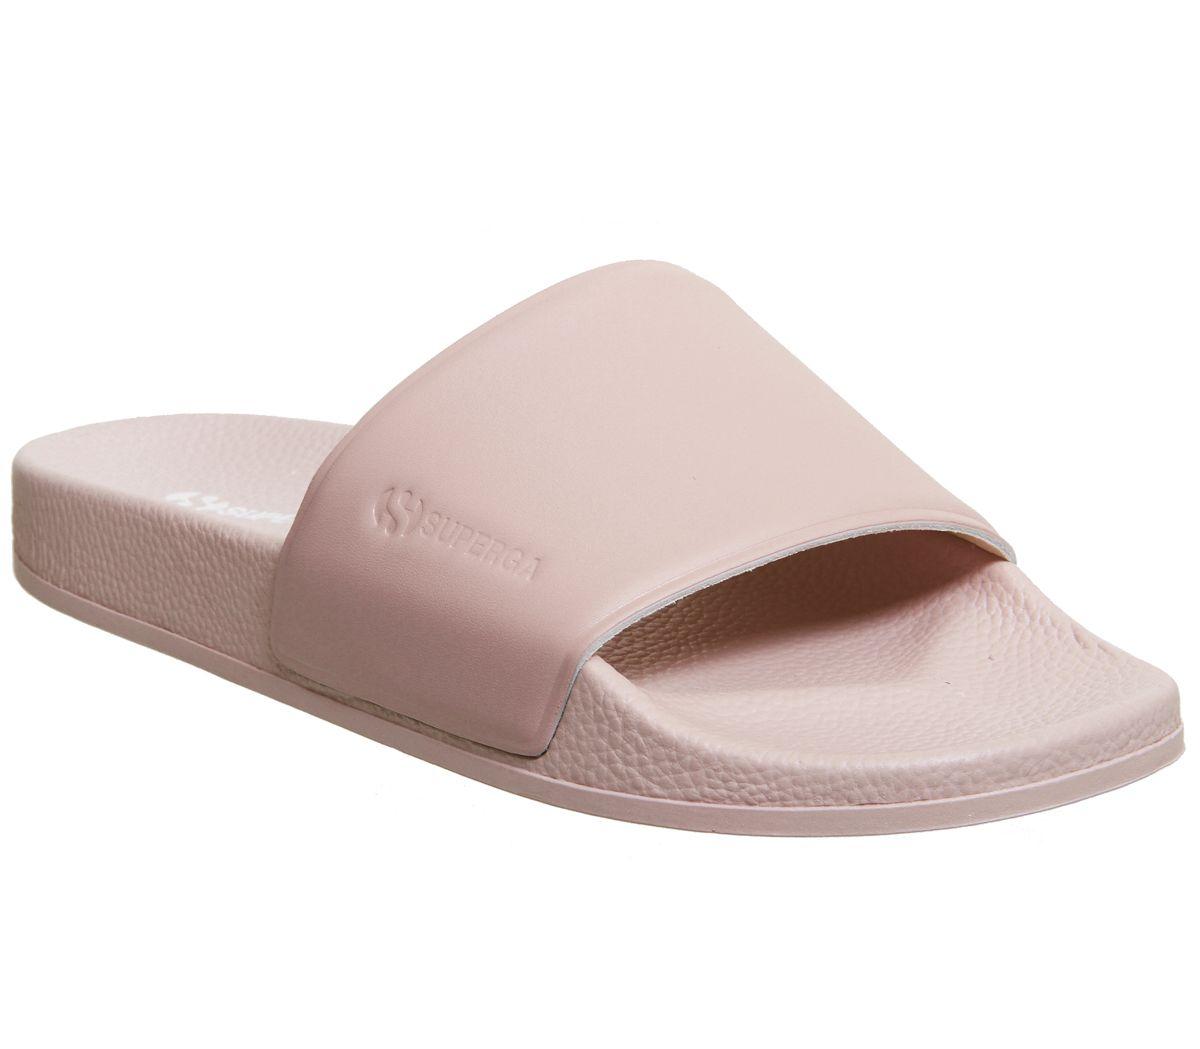 separation shoes 7a7f9 ee23b Superga 1908 Slides Blossom Pink - Sandalen